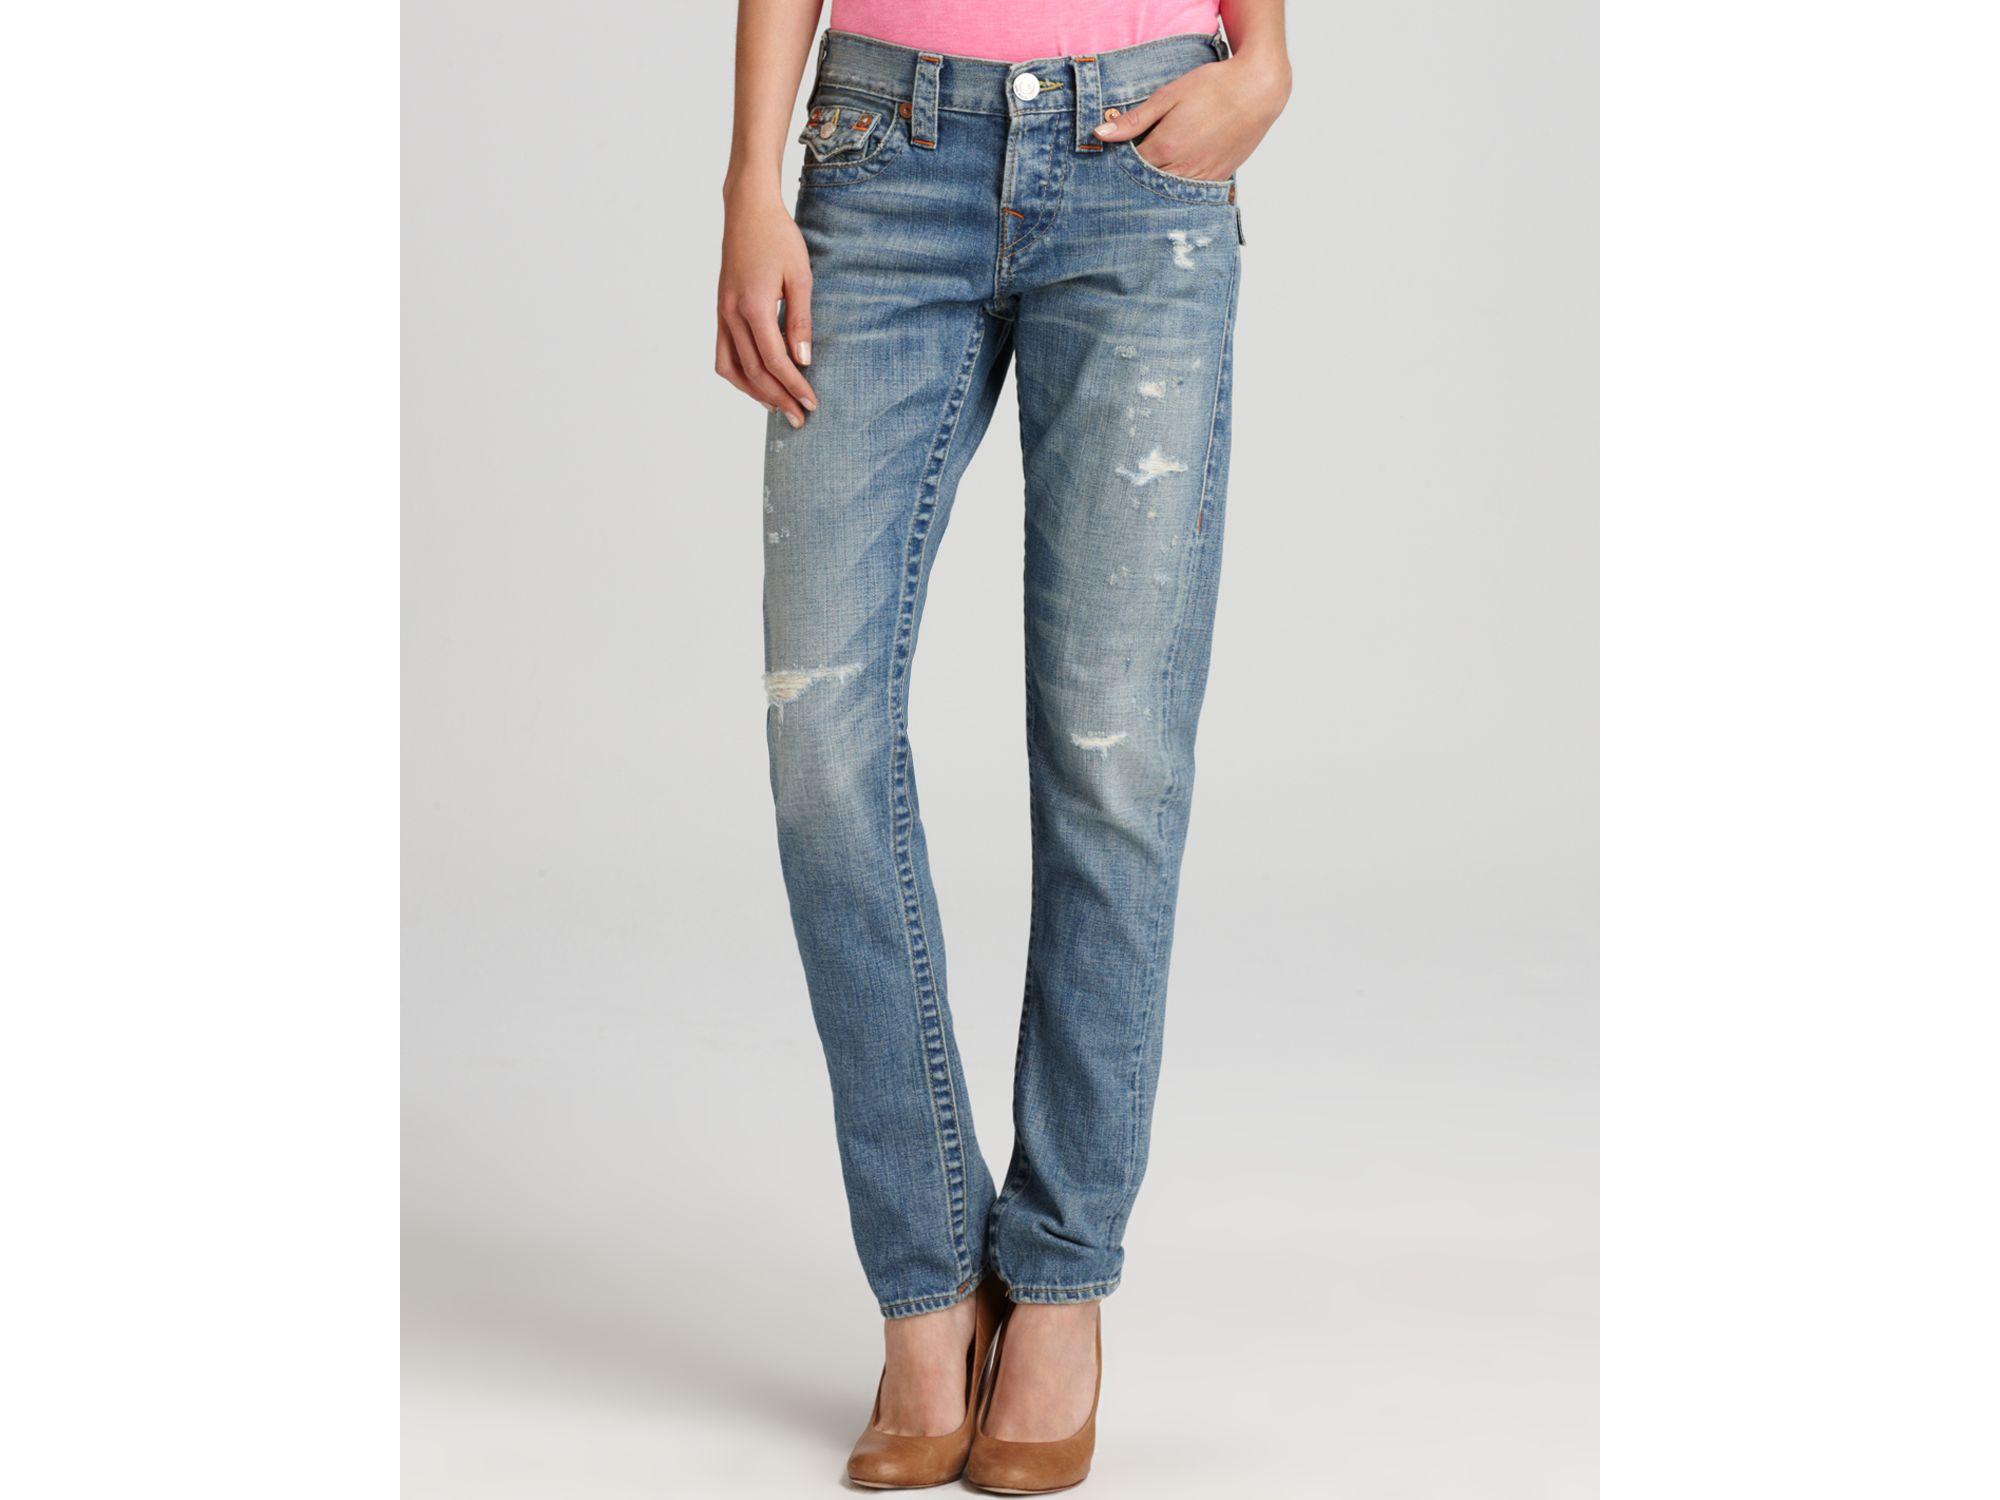 1132ceaa0f5c Lyst - True Religion Jeans Cameron Slim Boyfriend in Wagoneer in Blue